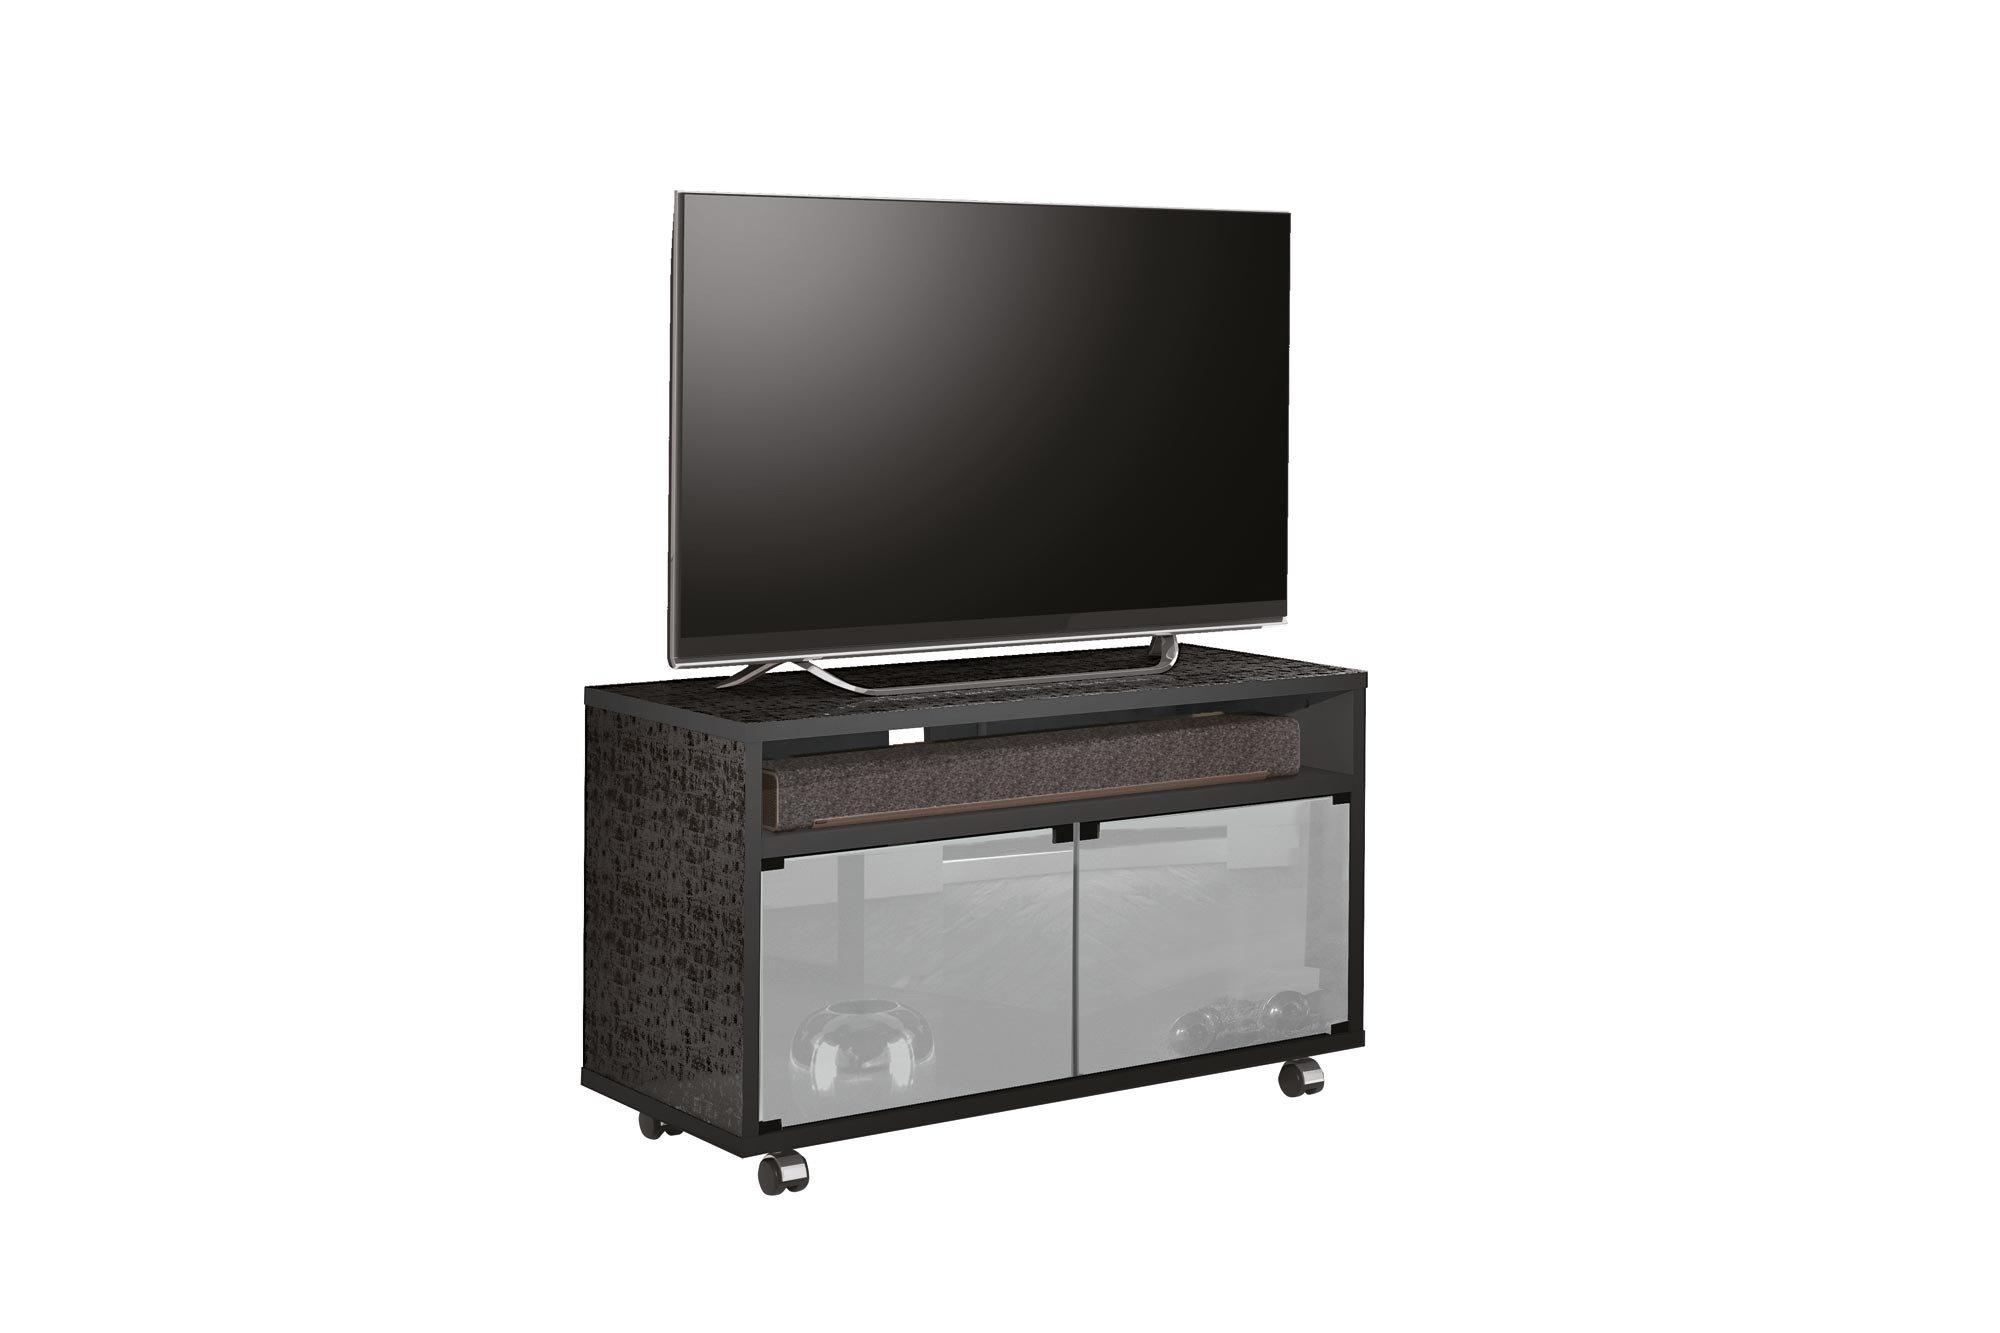 Beeindruckend Tv Möbel Ideen Von Matera Von Munari - Tv-möbel Mt110ne Bi